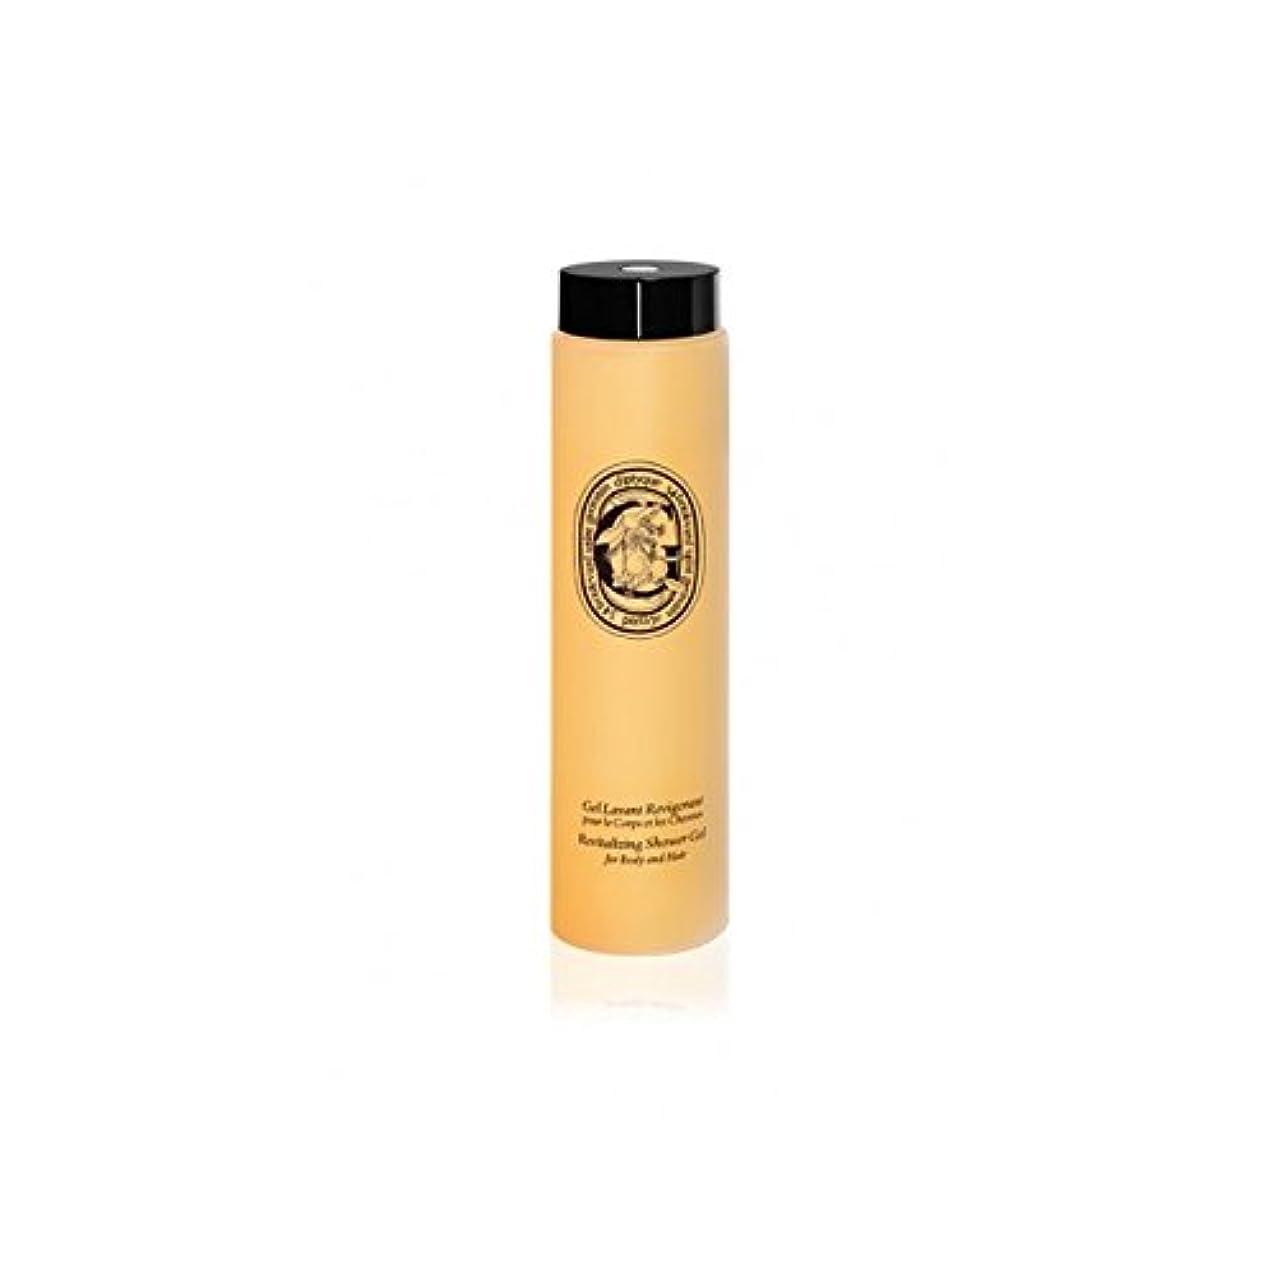 おじさん同じ合体Diptyque Revitalizing Shower Gel For Body And Hair 200ml (Pack of 2) - ボディ、ヘア200ミリリットルのためDiptyqueのリバイタライジングシャワージェル...